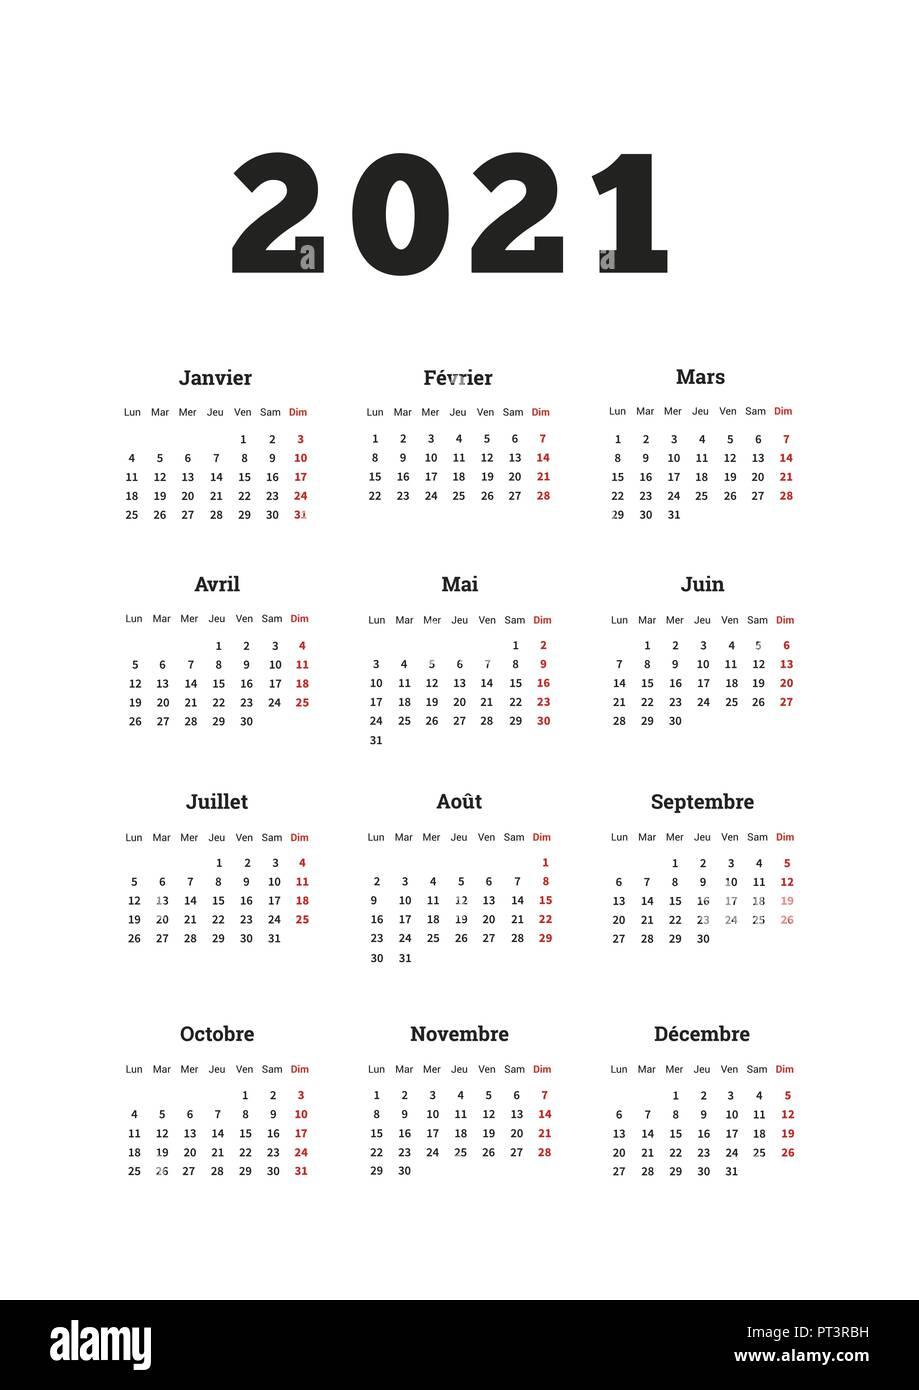 2021 anno di calendario semplice sulla lingua francese, formato A4